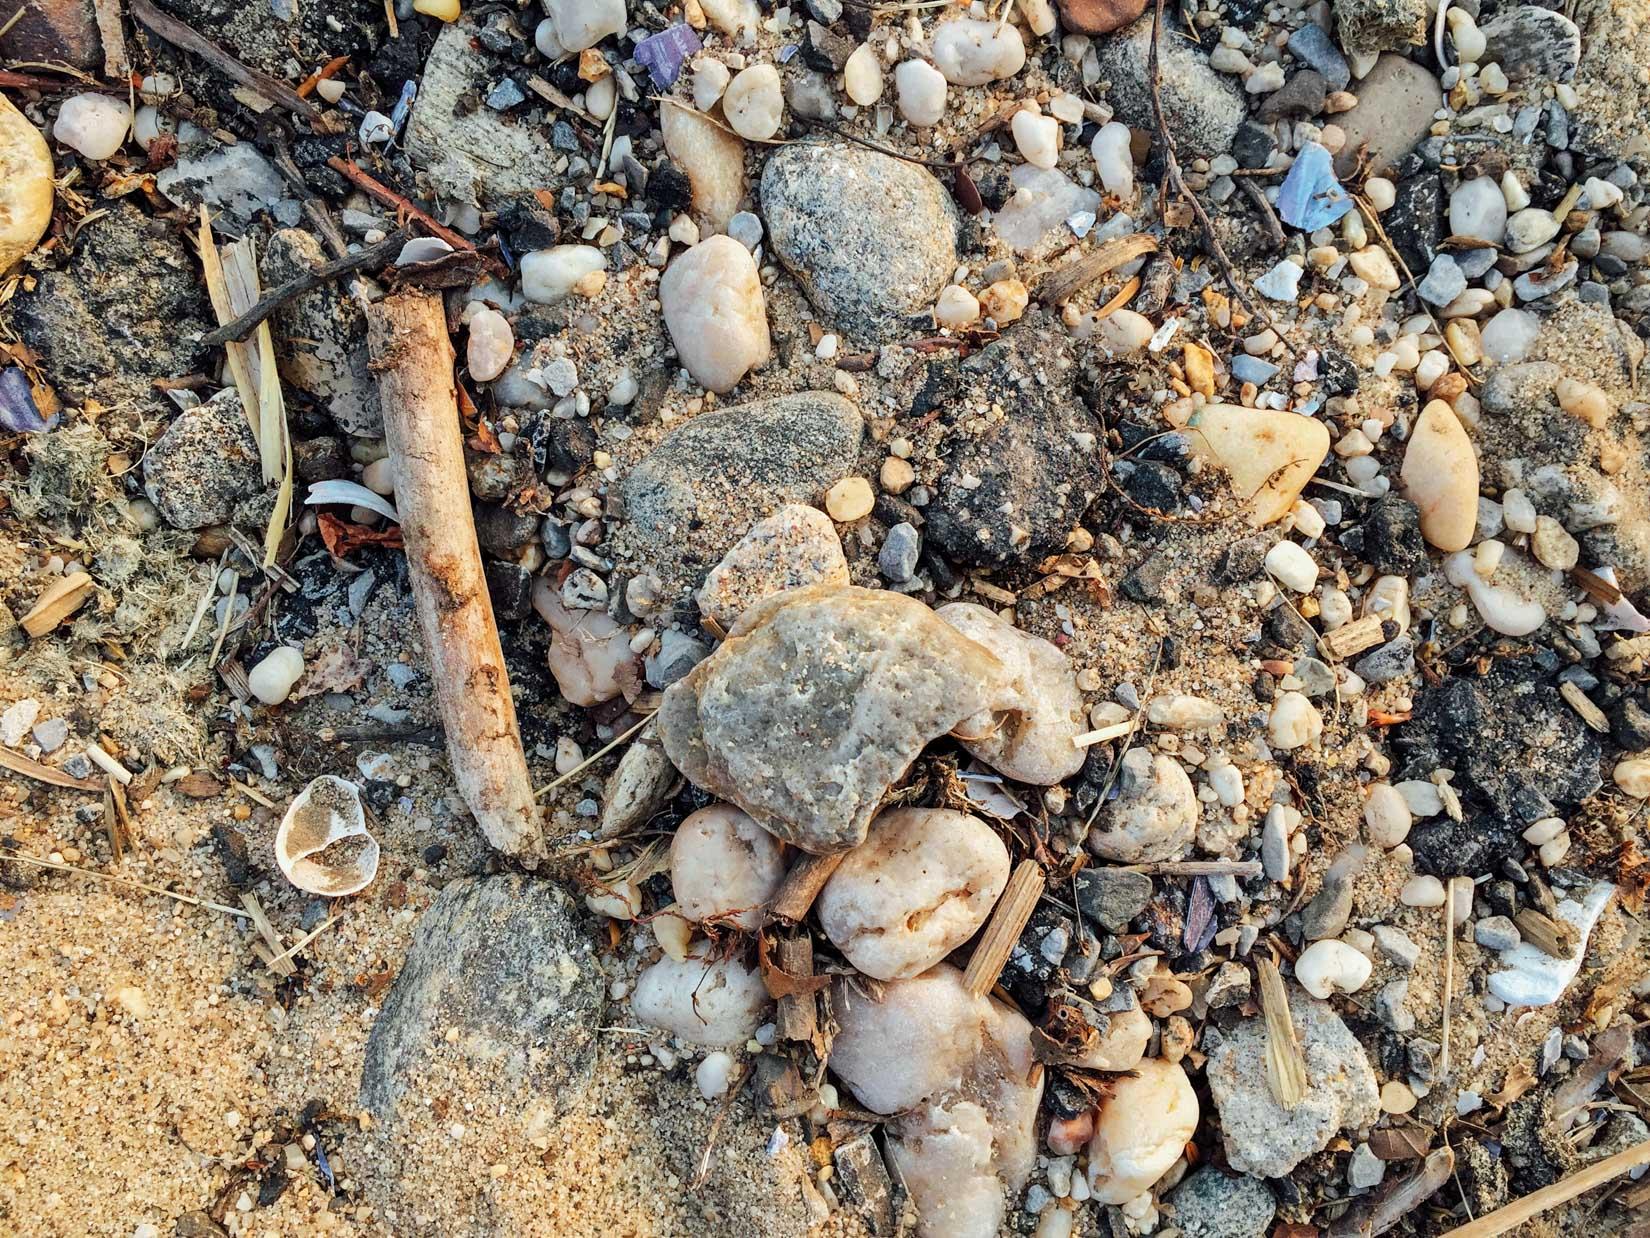 Shells and Rocks on Sand